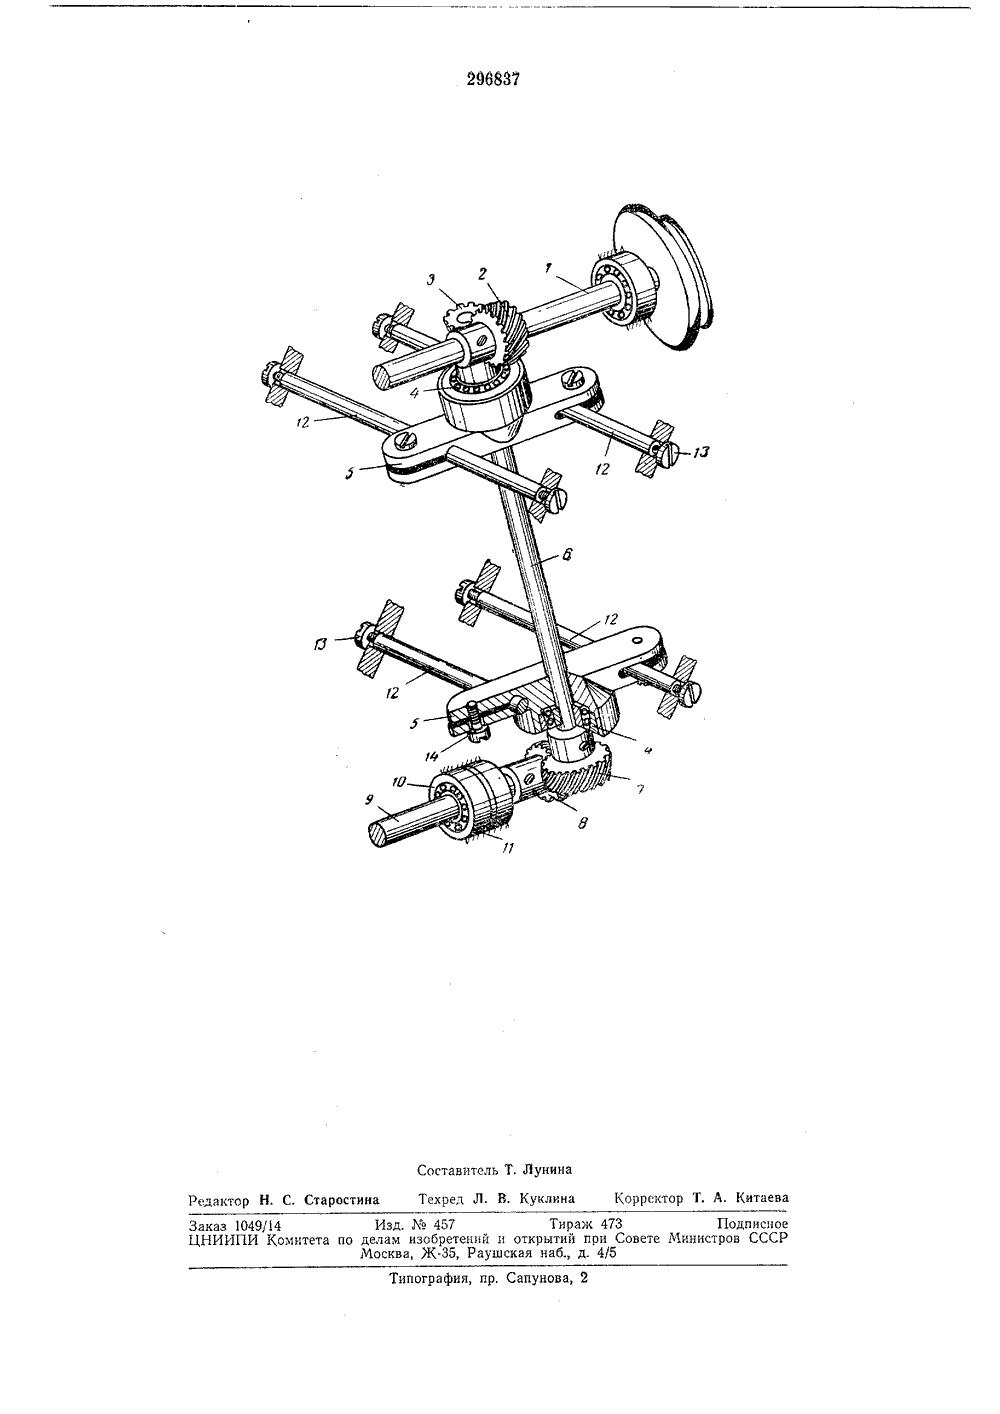 привод пдп-4у схема